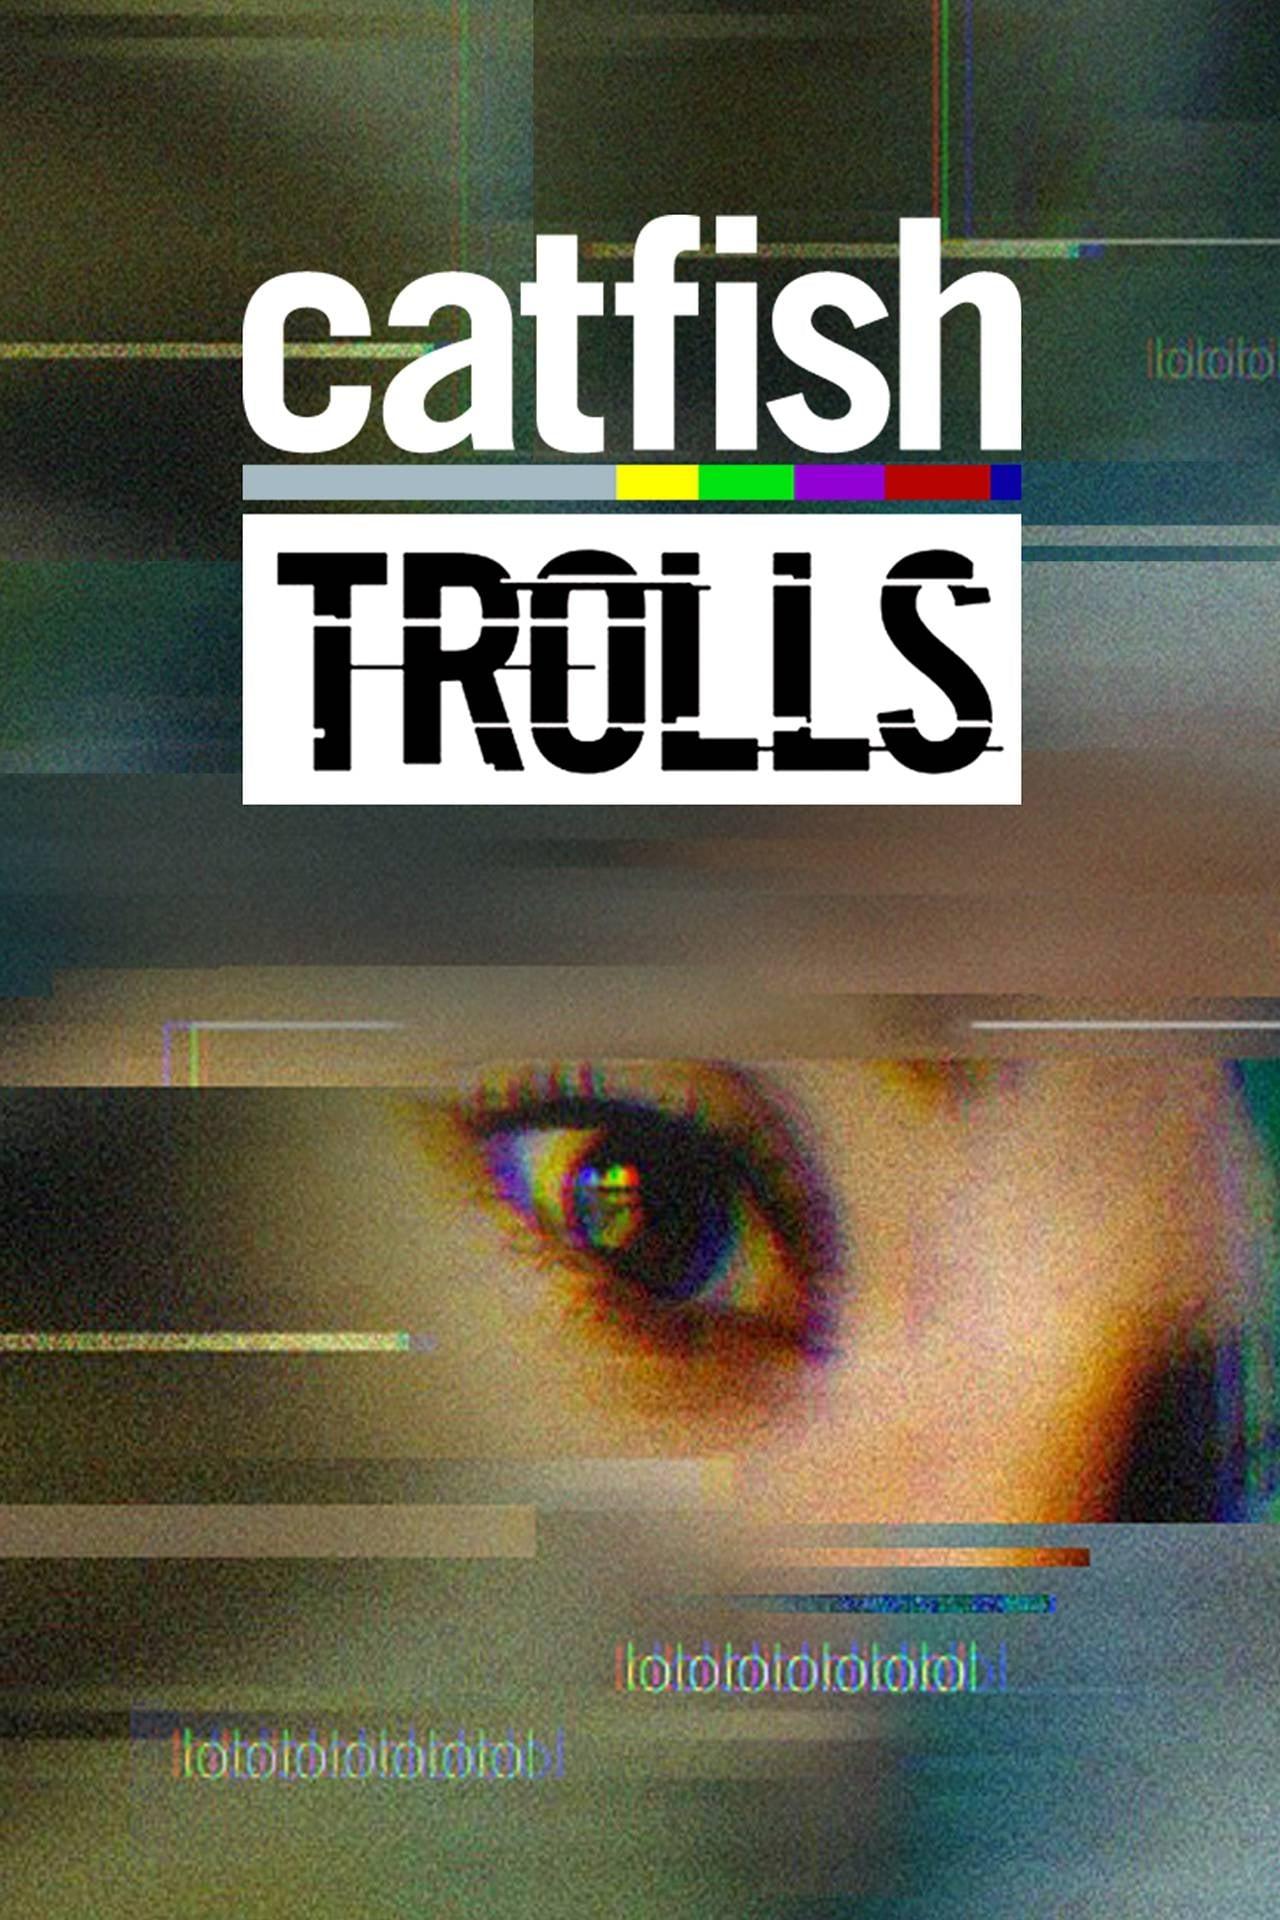 Catfish: Trolls (2018)